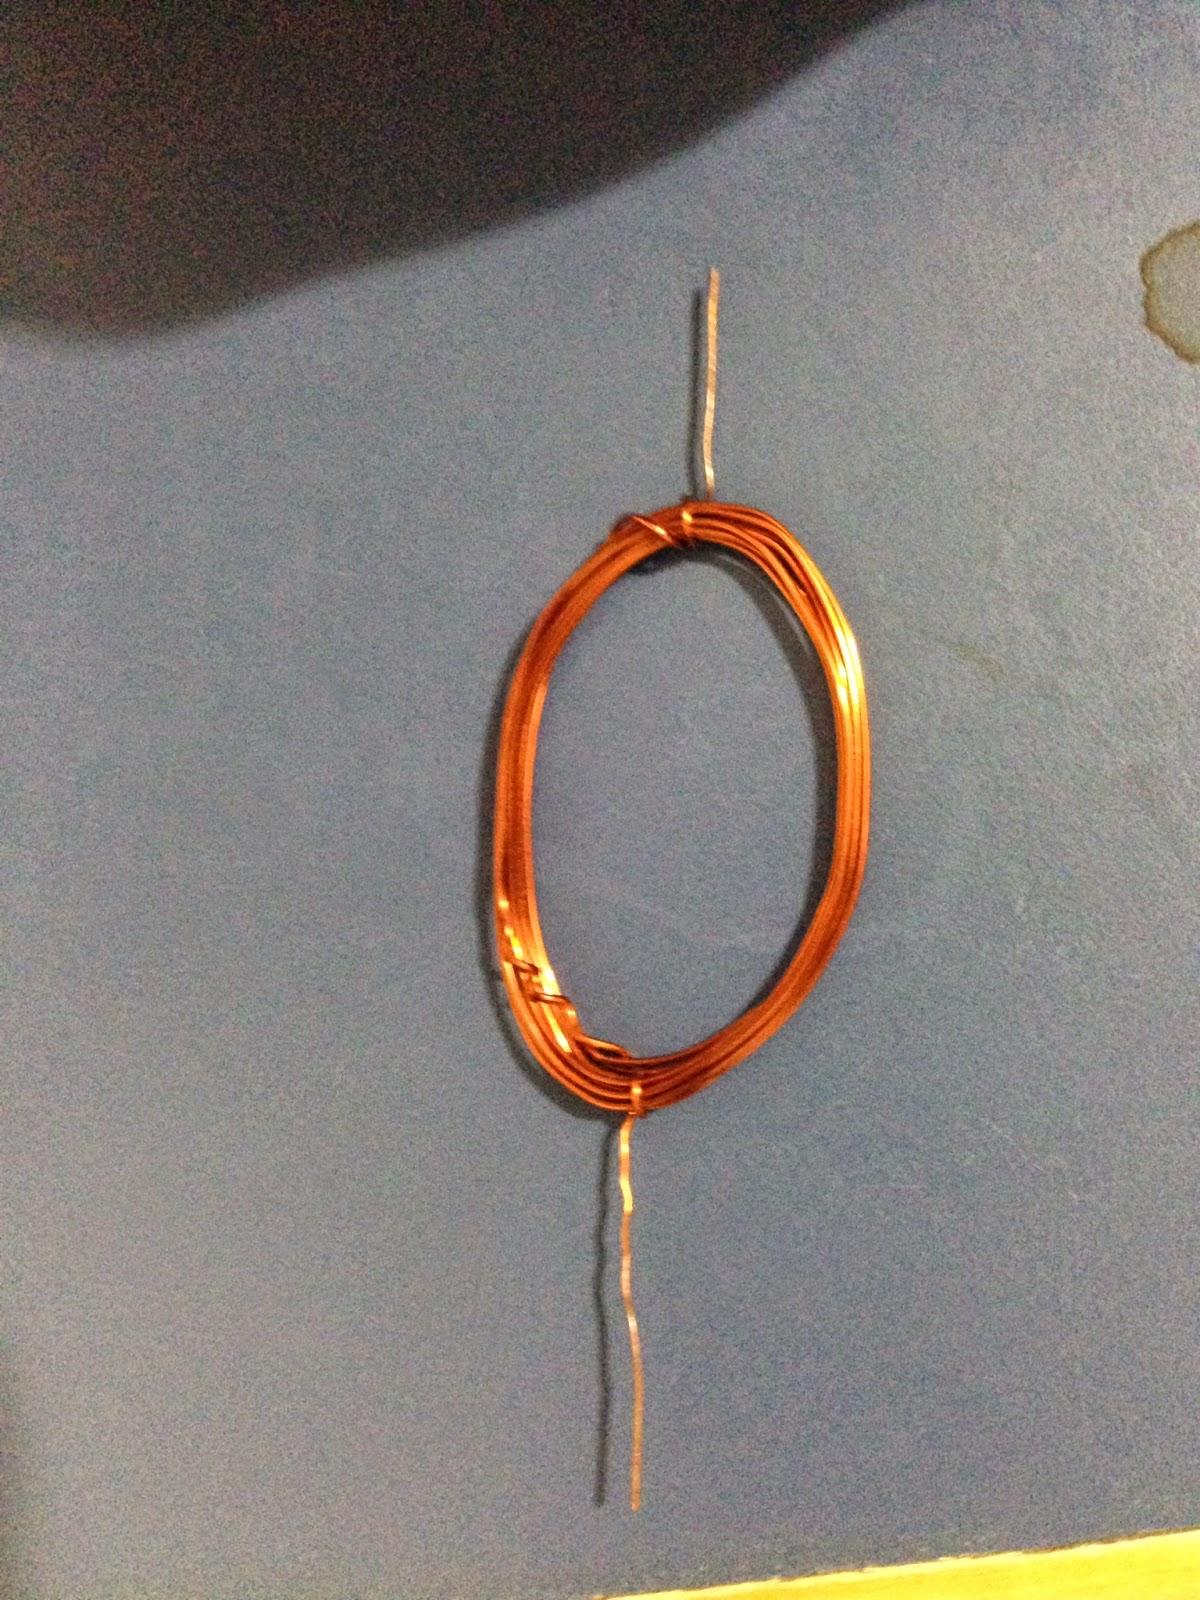 b6e5951dd7f Experimento 3 - Indução Eletromagnética no Tubo